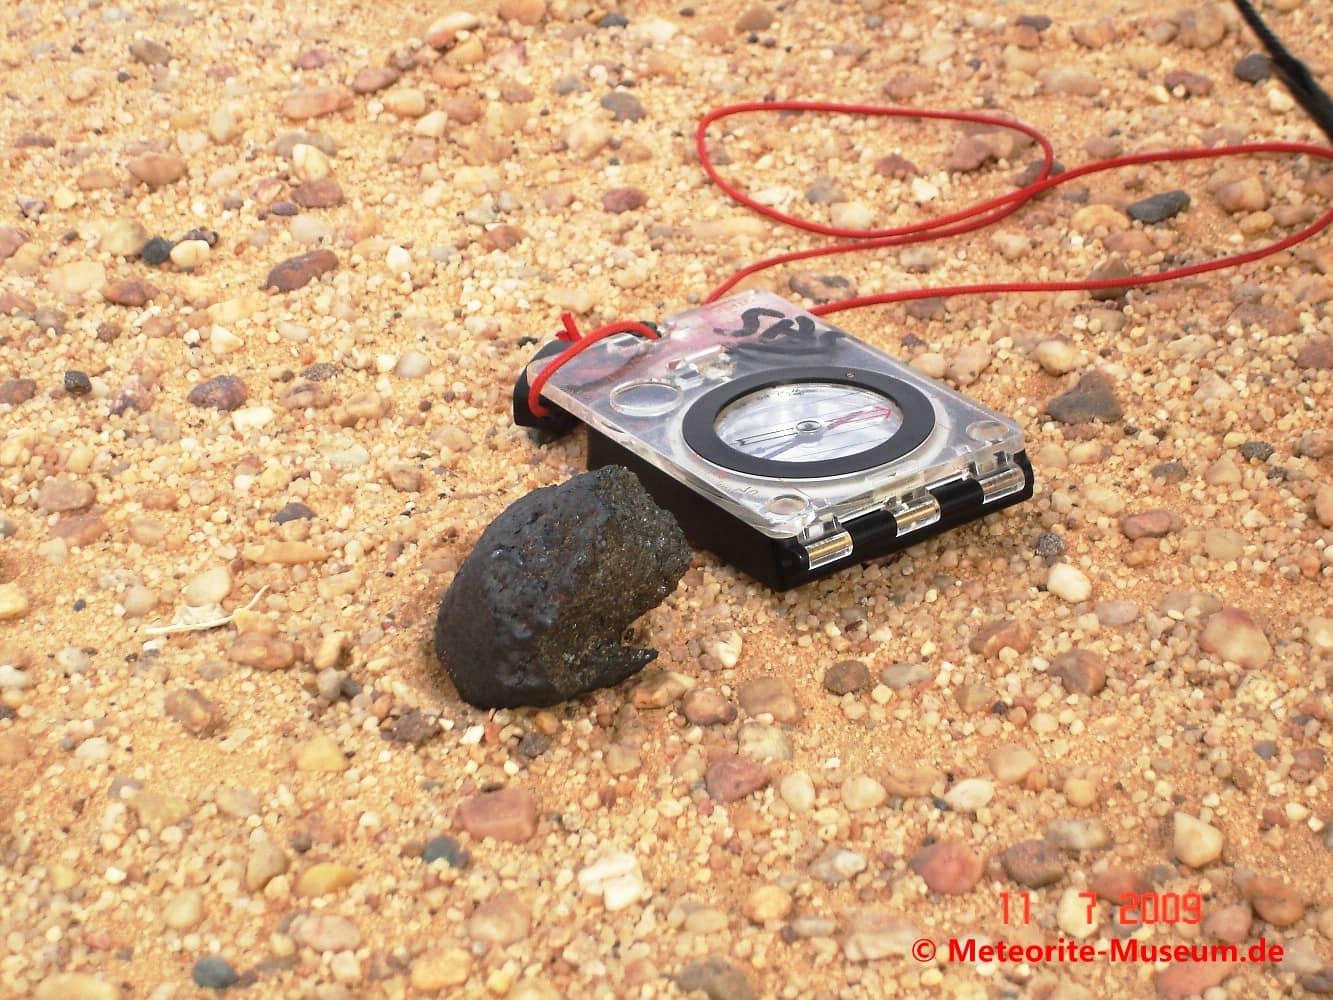 Almahata Sitta Meteorit Bruchstück neben einem Kompass auf dem Wüstensandboden